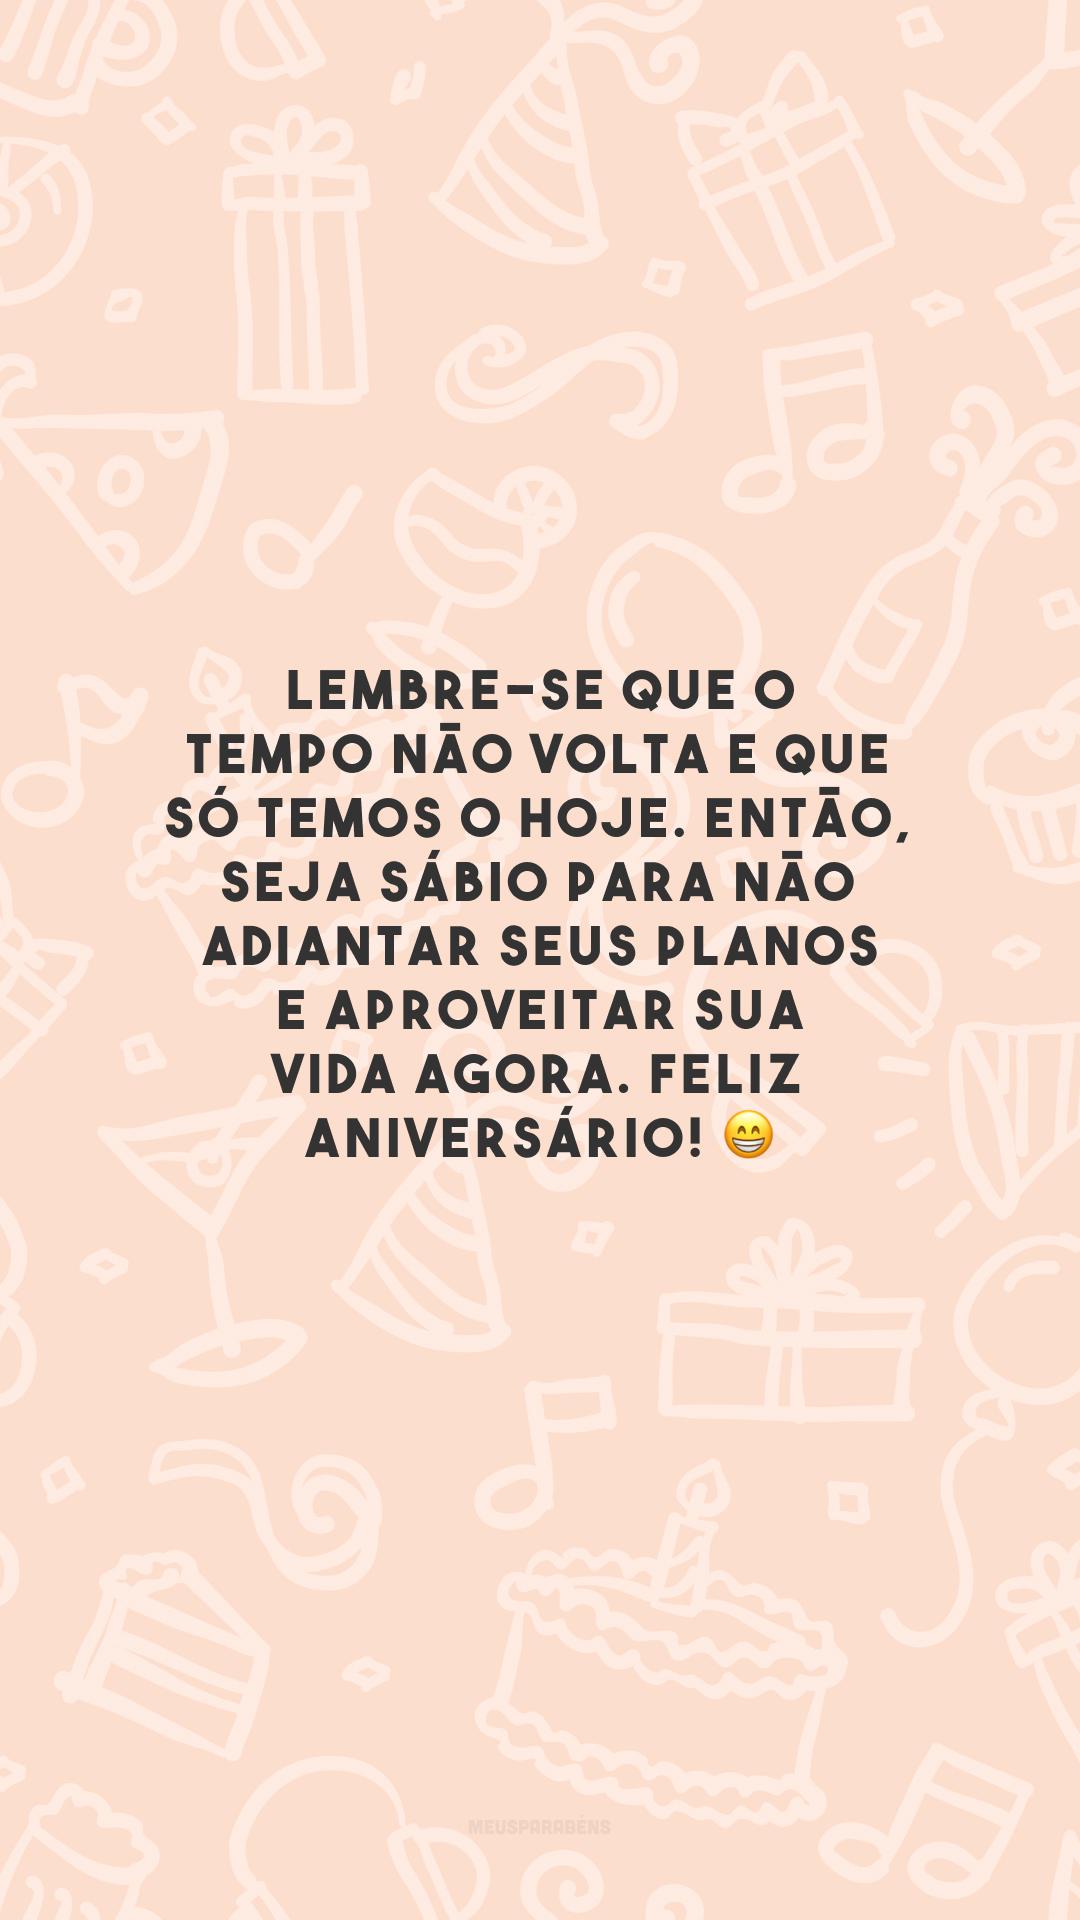 Lembre-se que o tempo não volta e que só temos o hoje. Então, seja sábio para não adiantar seus planos e aproveitar sua vida agora. Feliz aniversário! 😁